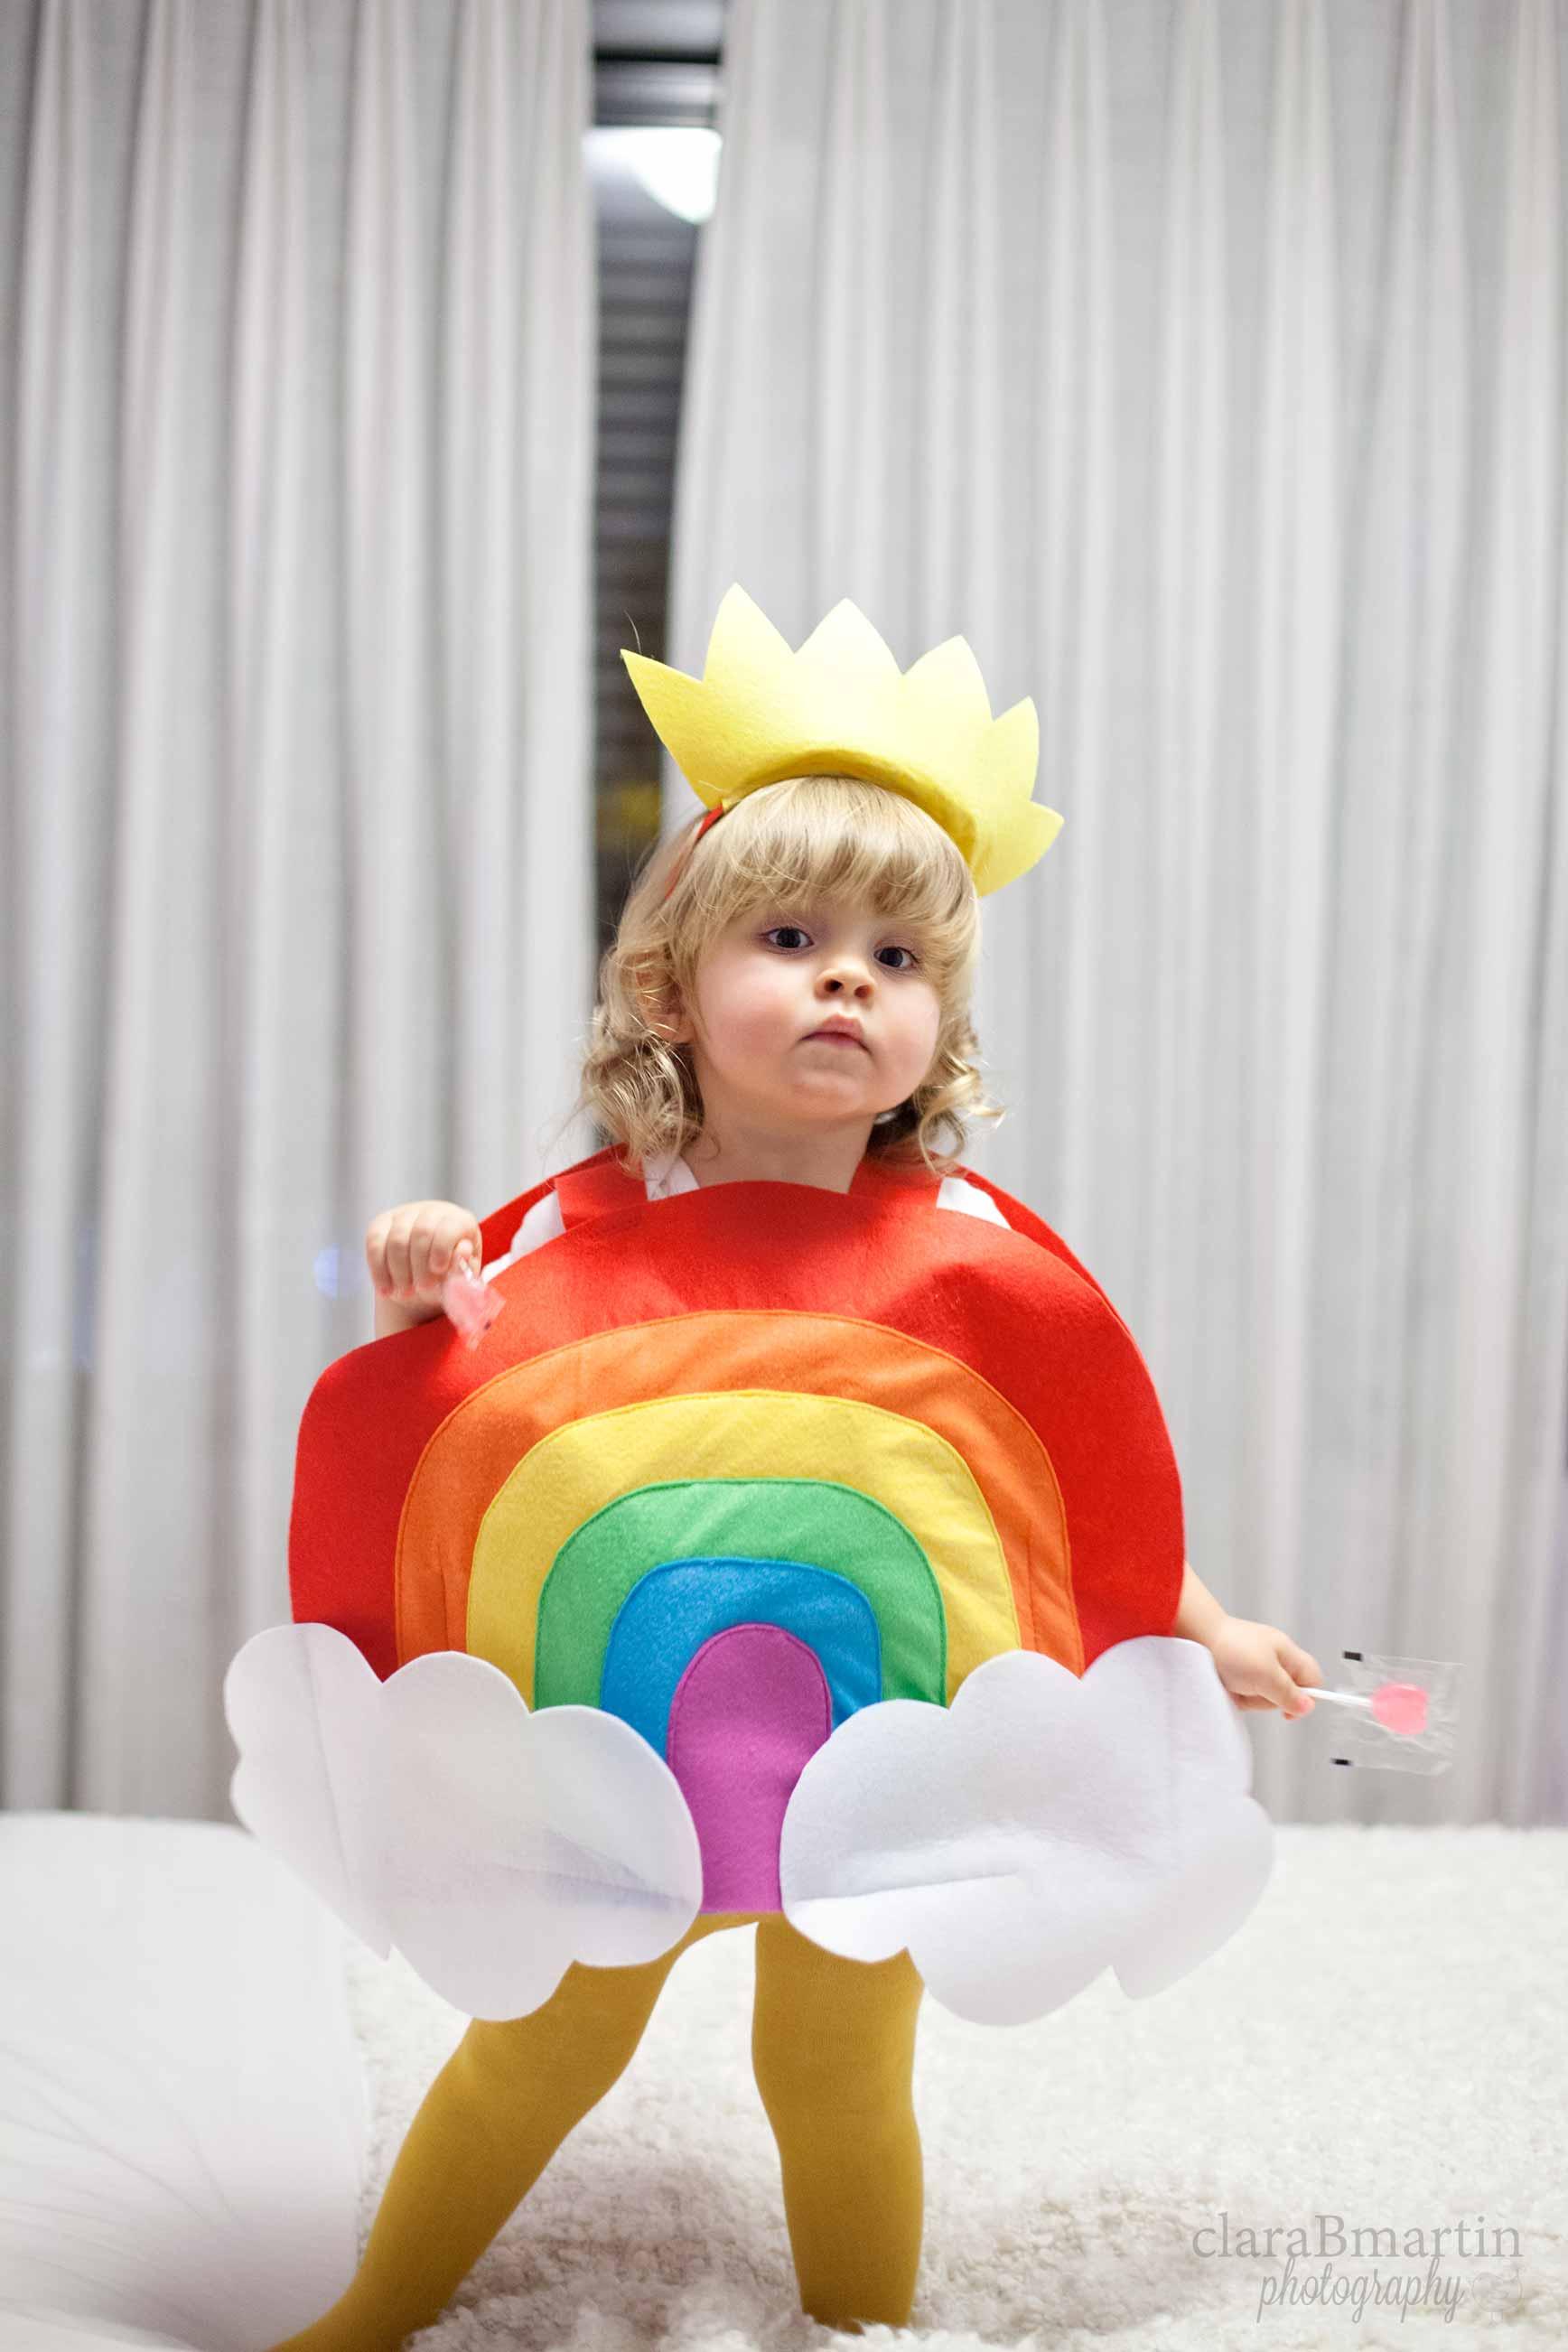 Un Disfraz De Arco 237 Ris Para Mi Beb 233 Arco 237 Ris Clarabmartin